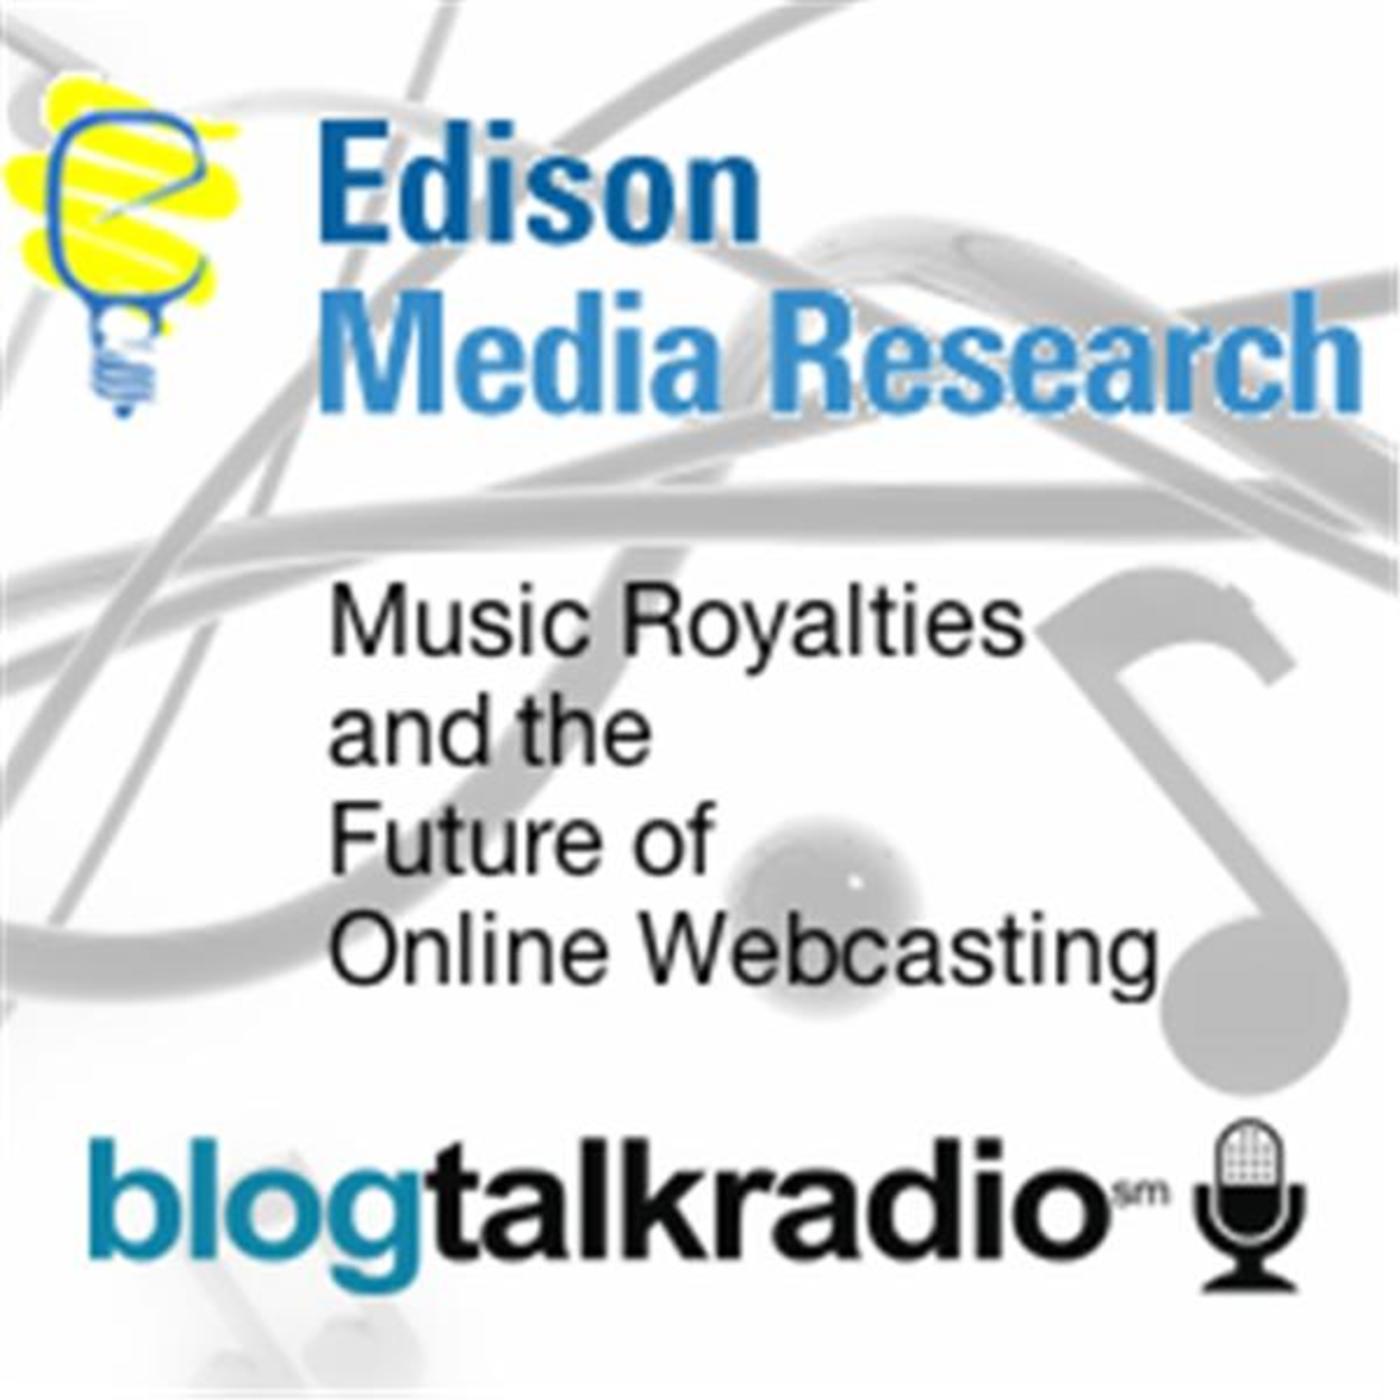 Edison Media Research